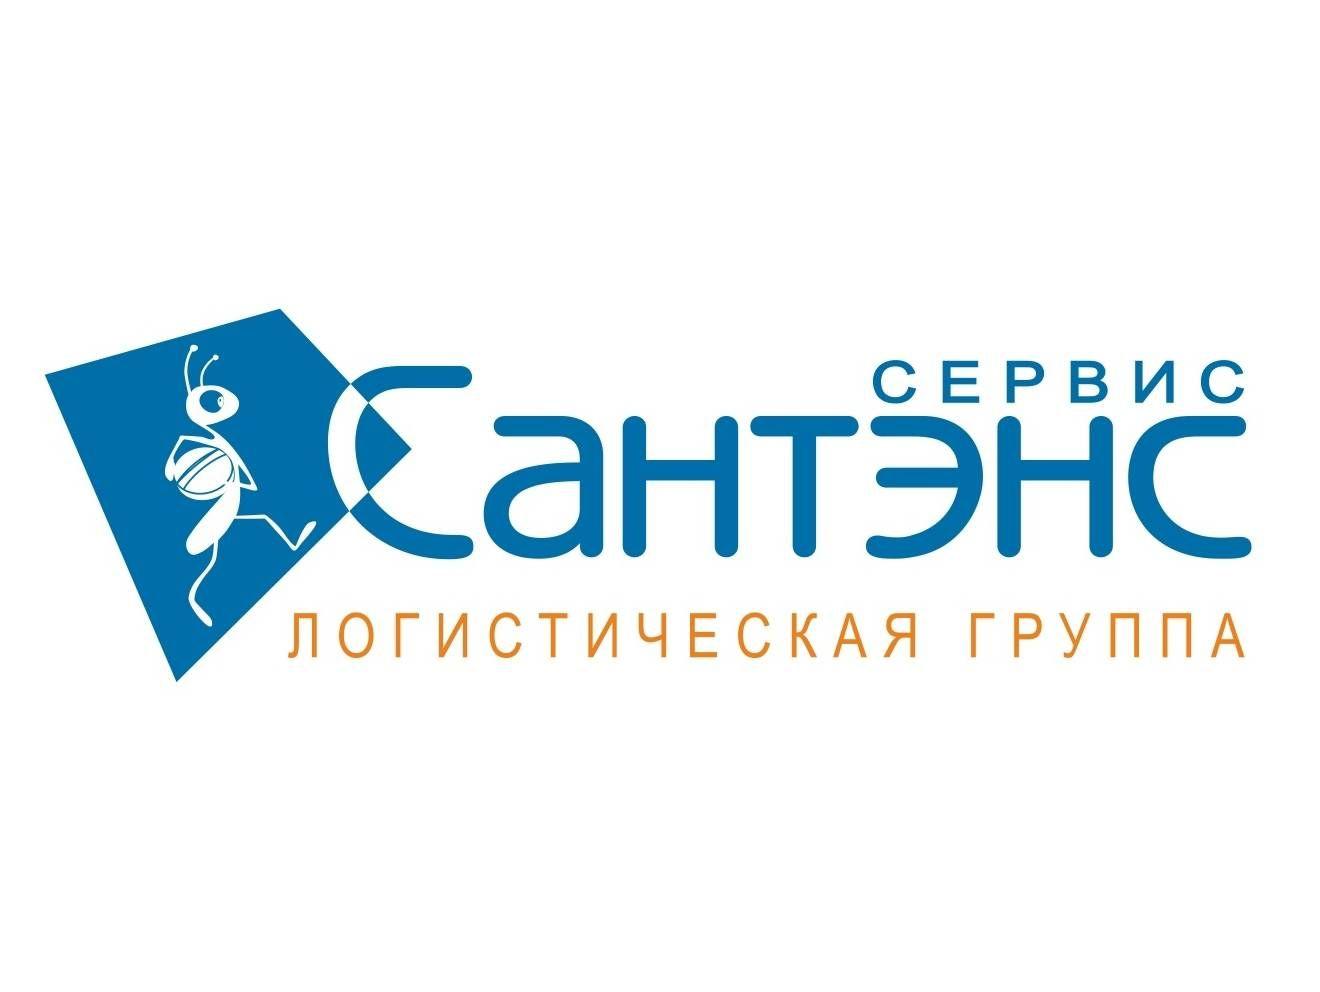 santens-logo.jpg